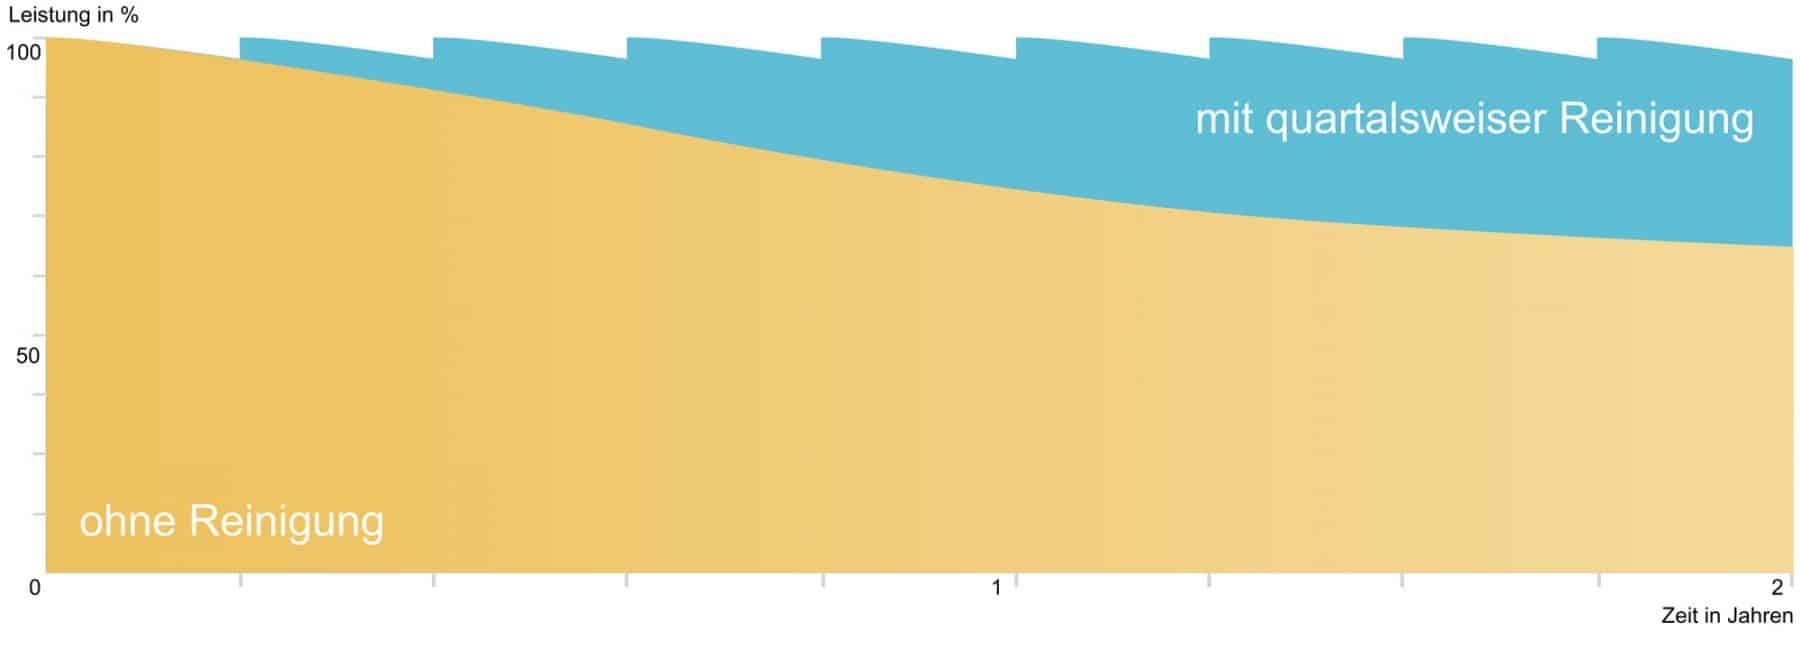 Grafische Darstellung über den Verlust an Leistung der Solaranlage ohne regelmäßige Reinigung.